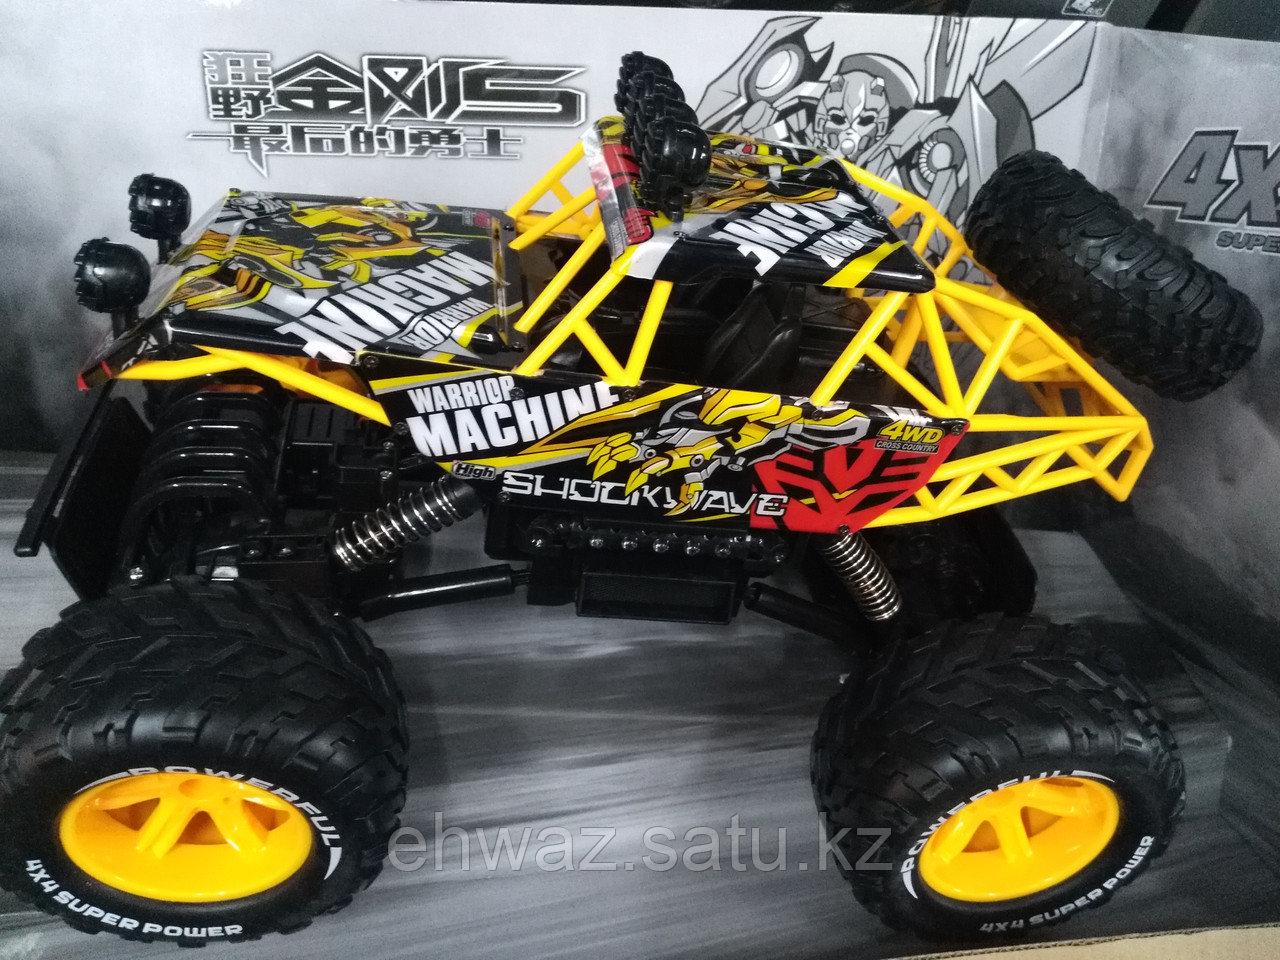 Радиоуправляемая машинка Trans Mars 4WD, маштаб 1:12